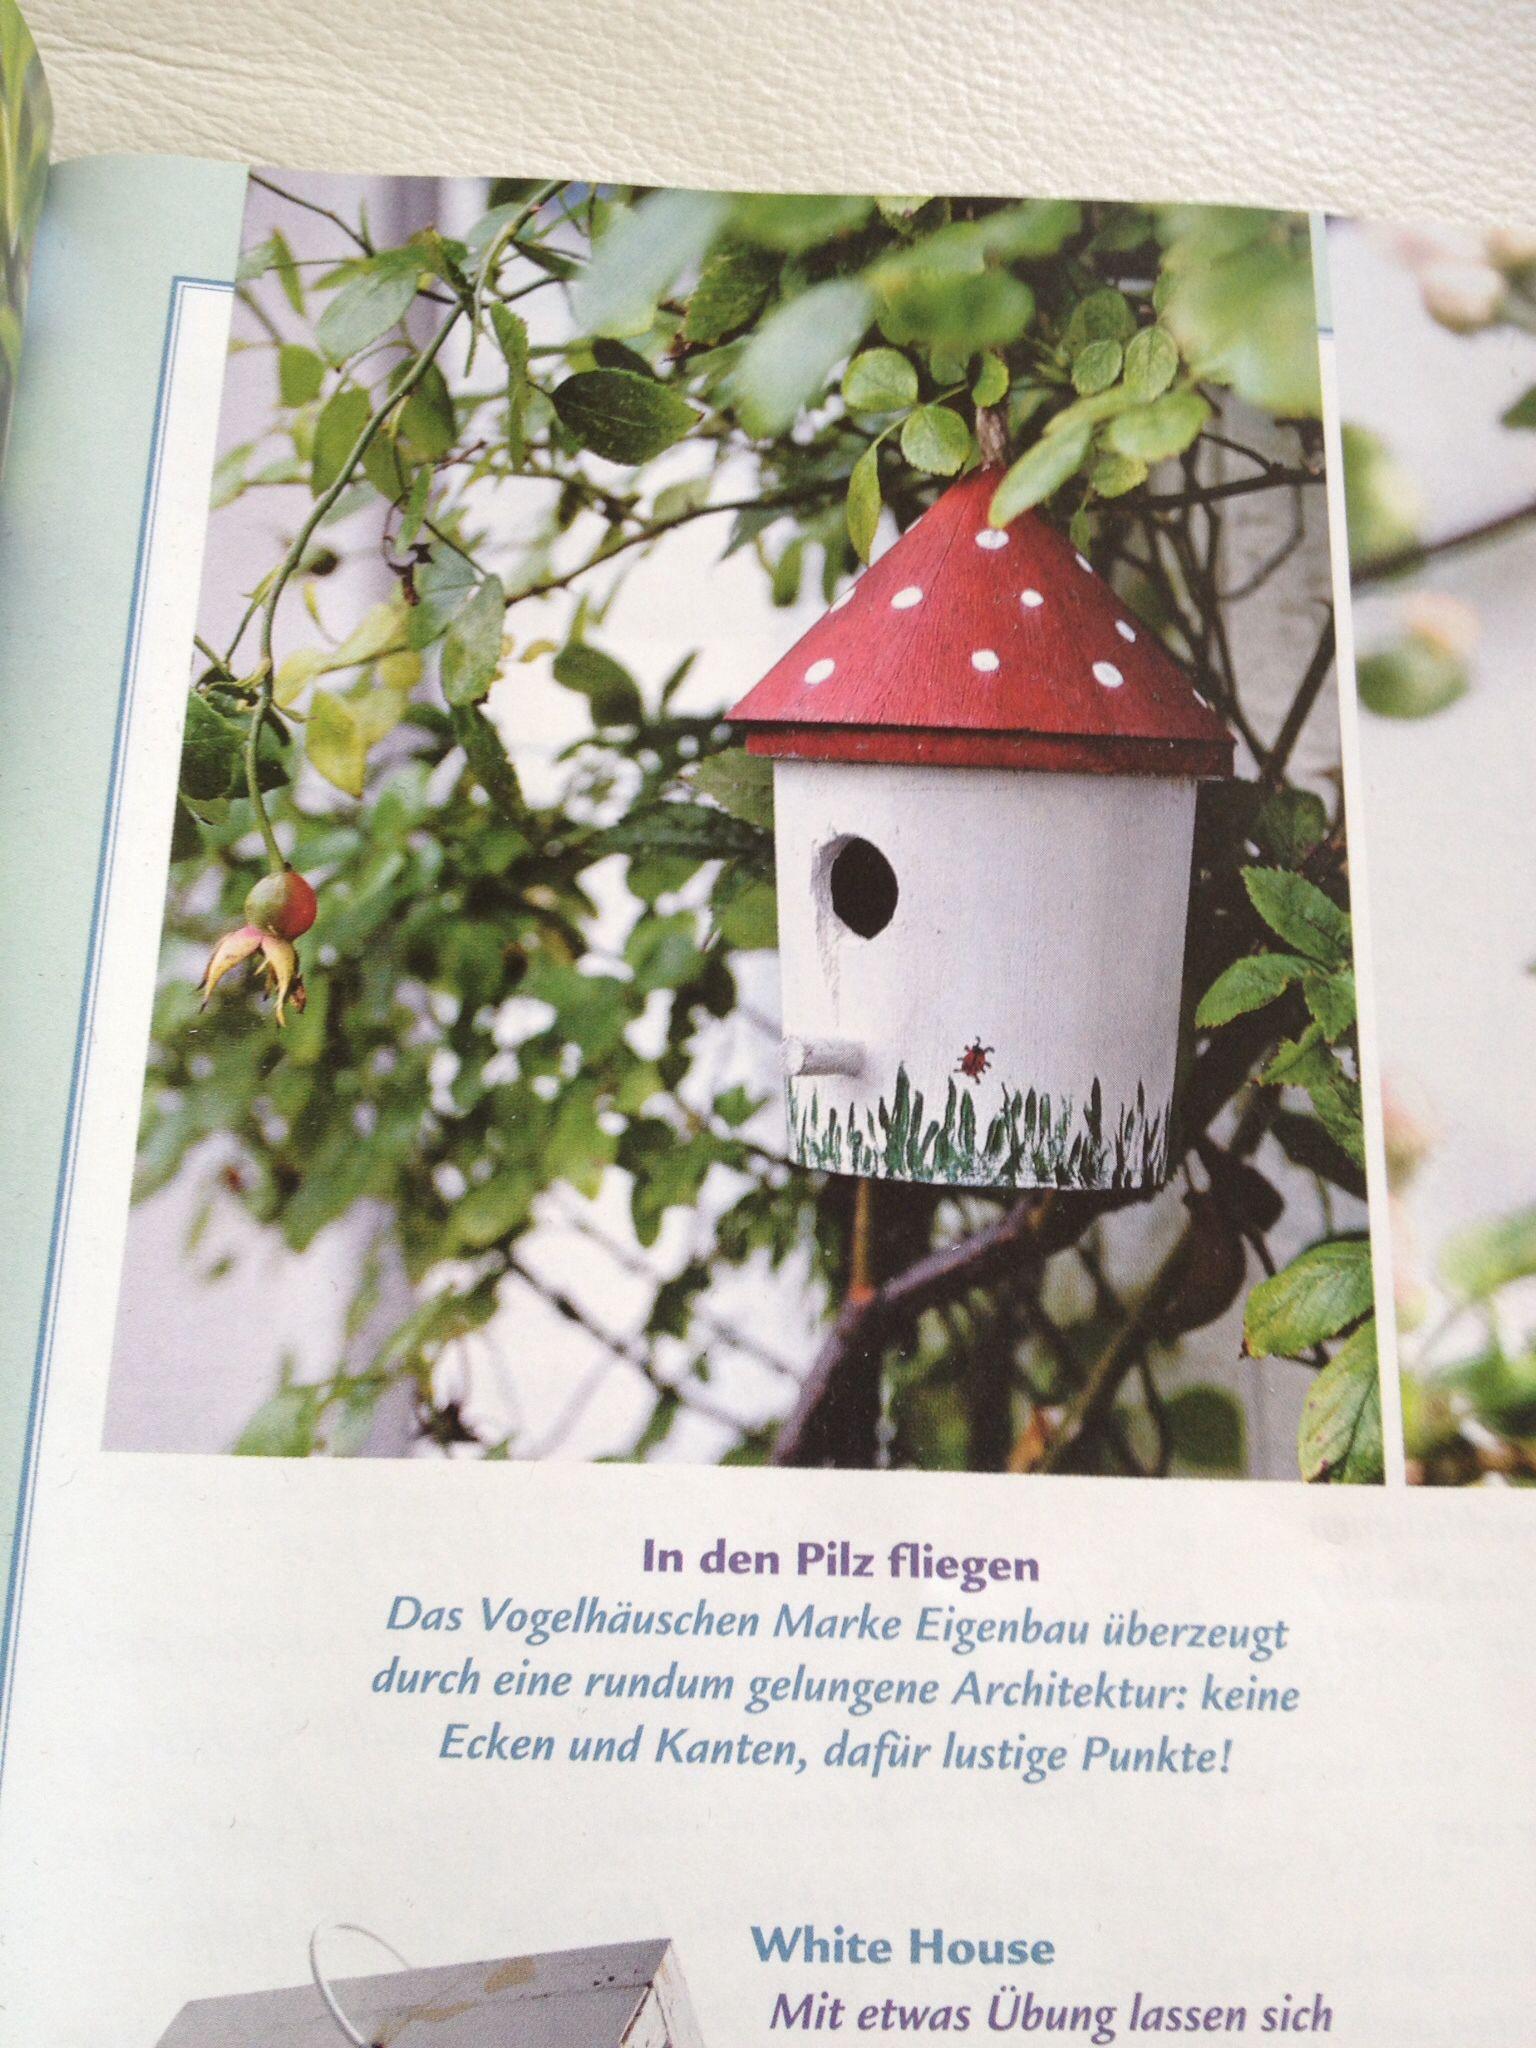 vogelhaus bauen! | things i want to do | pinterest | vogelhaus bauen